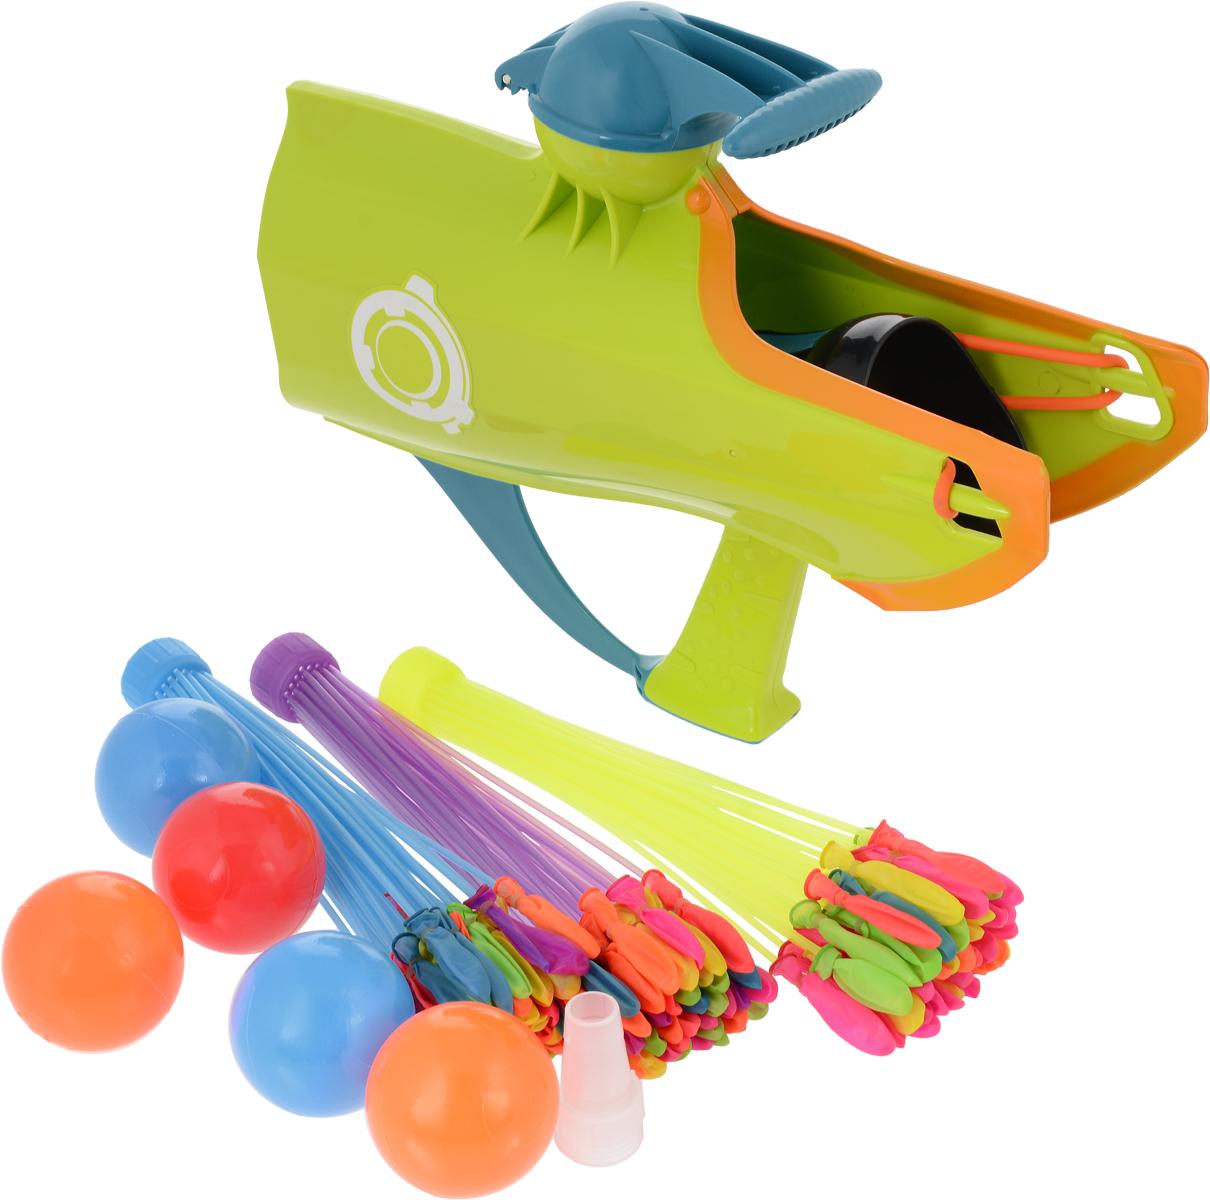 Веселые забавы Бластер для снежков водных бомбочек и мячей 3 в 1PT-00868Бластер Веселые забавы - это яркое, удобное, легкое и практичное устройство, позволяющее запускать разнообразные снаряды. С этой игрушкой невозможно остаться в стороне от веселой игры. Яркие цвета, современный дизайн и безопасные материала делают эту игрушку идеальным выбором для игр на активном воздухе. Можно играть и зимой и летом! Бластер позволяет запускать входящие в комплект мягкие мячики, водные бомбочки и даже снежки! Бластер снабжен специальным прессом, который позволяет формировать снежки идеальной формы. Устраивайте снежные или водные баталии, лепите крепости и замки или посоревнуйтесь с друзьями в меткости!